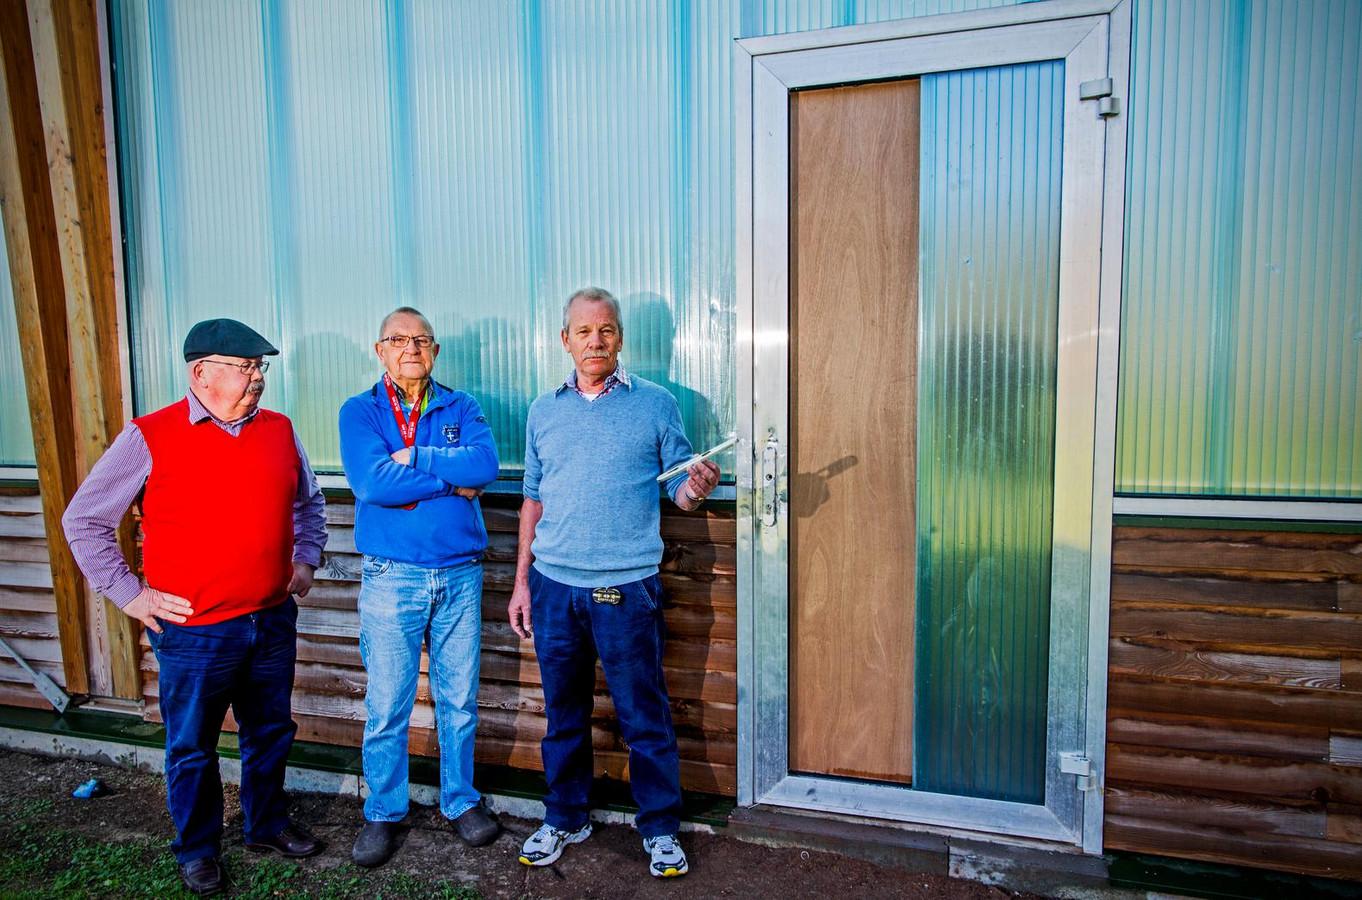 Van Hoey Smith, Van Tienhoven en 't Hart (vlnr) zijn goed ziek van de vernielingen die zijn aangebracht.